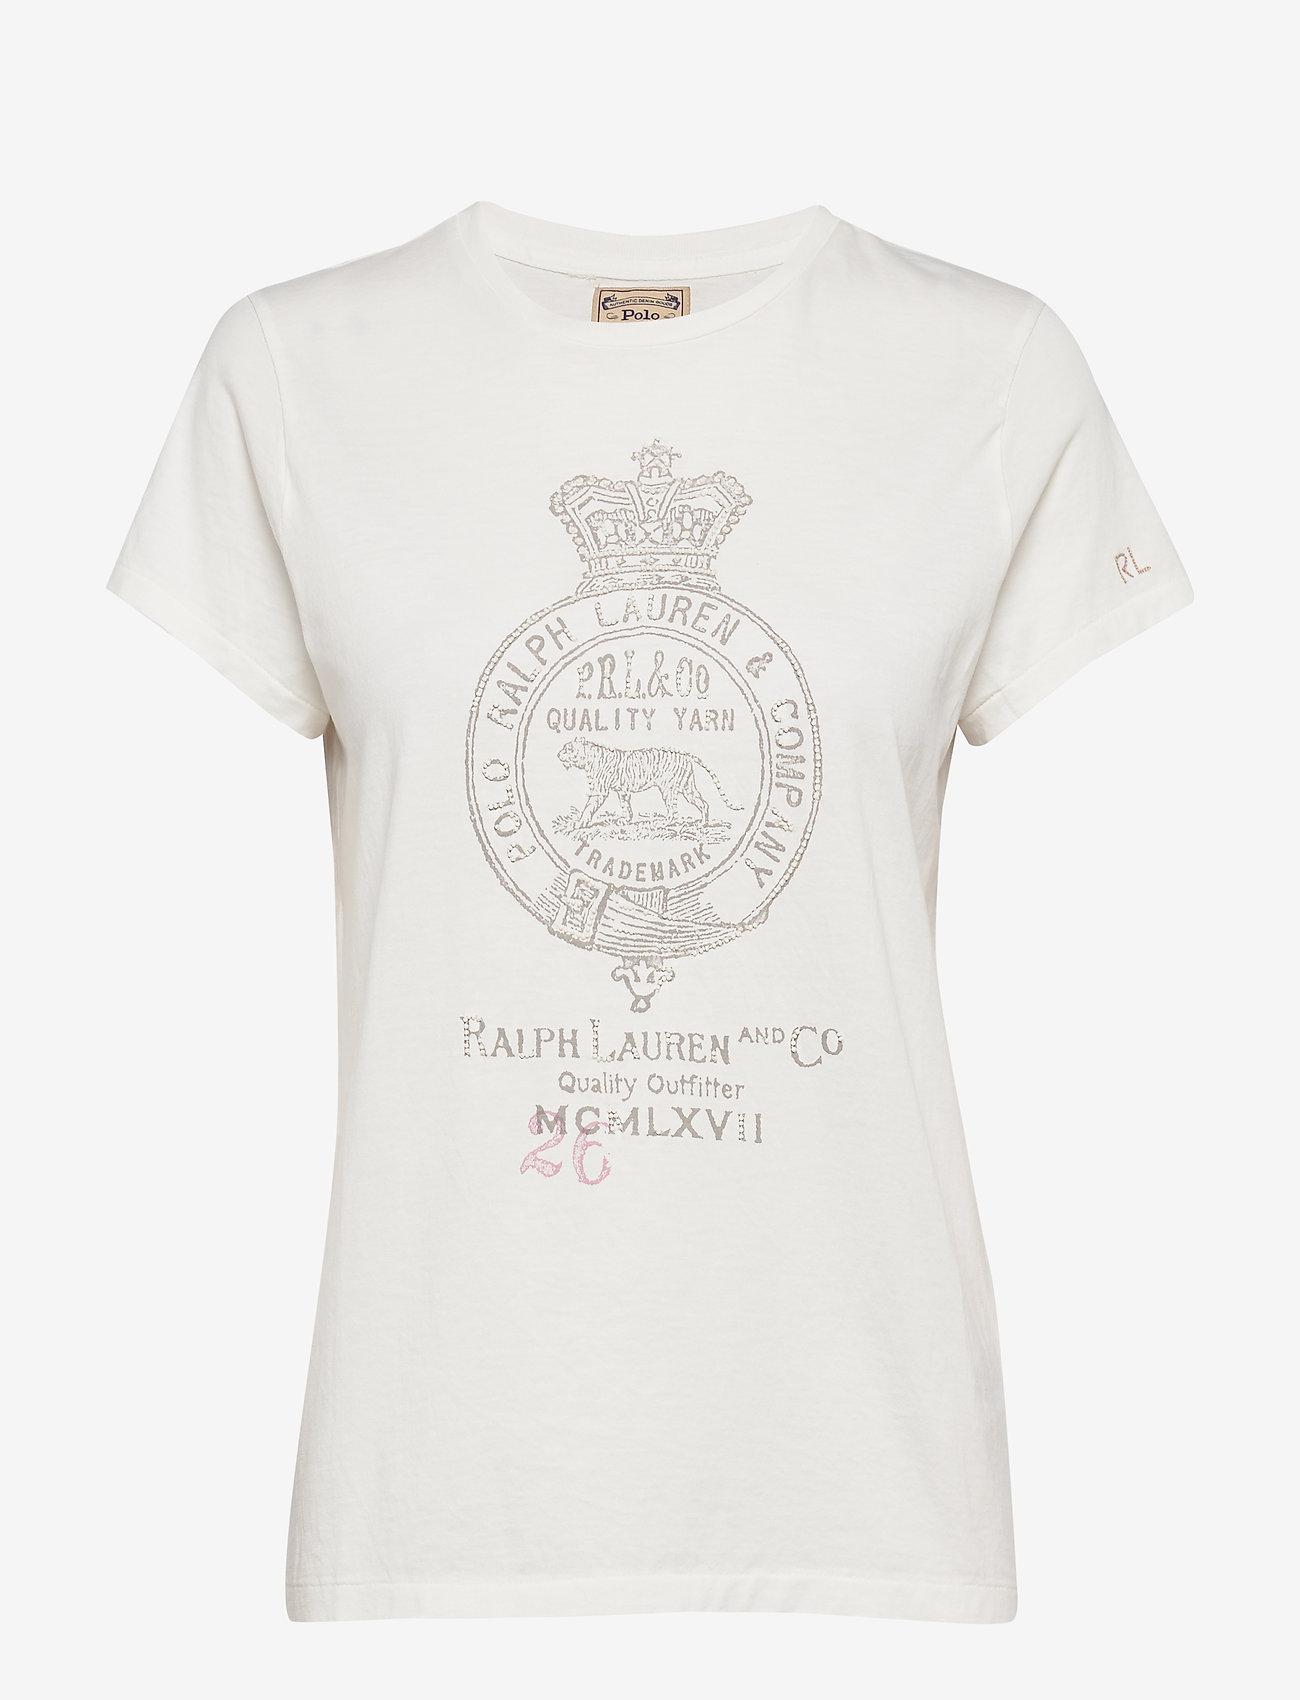 Polo Ralph Lauren Cotton Crest-Graphic Tee - T-shirty i zopy NEVIS - Kobiety Odzież.